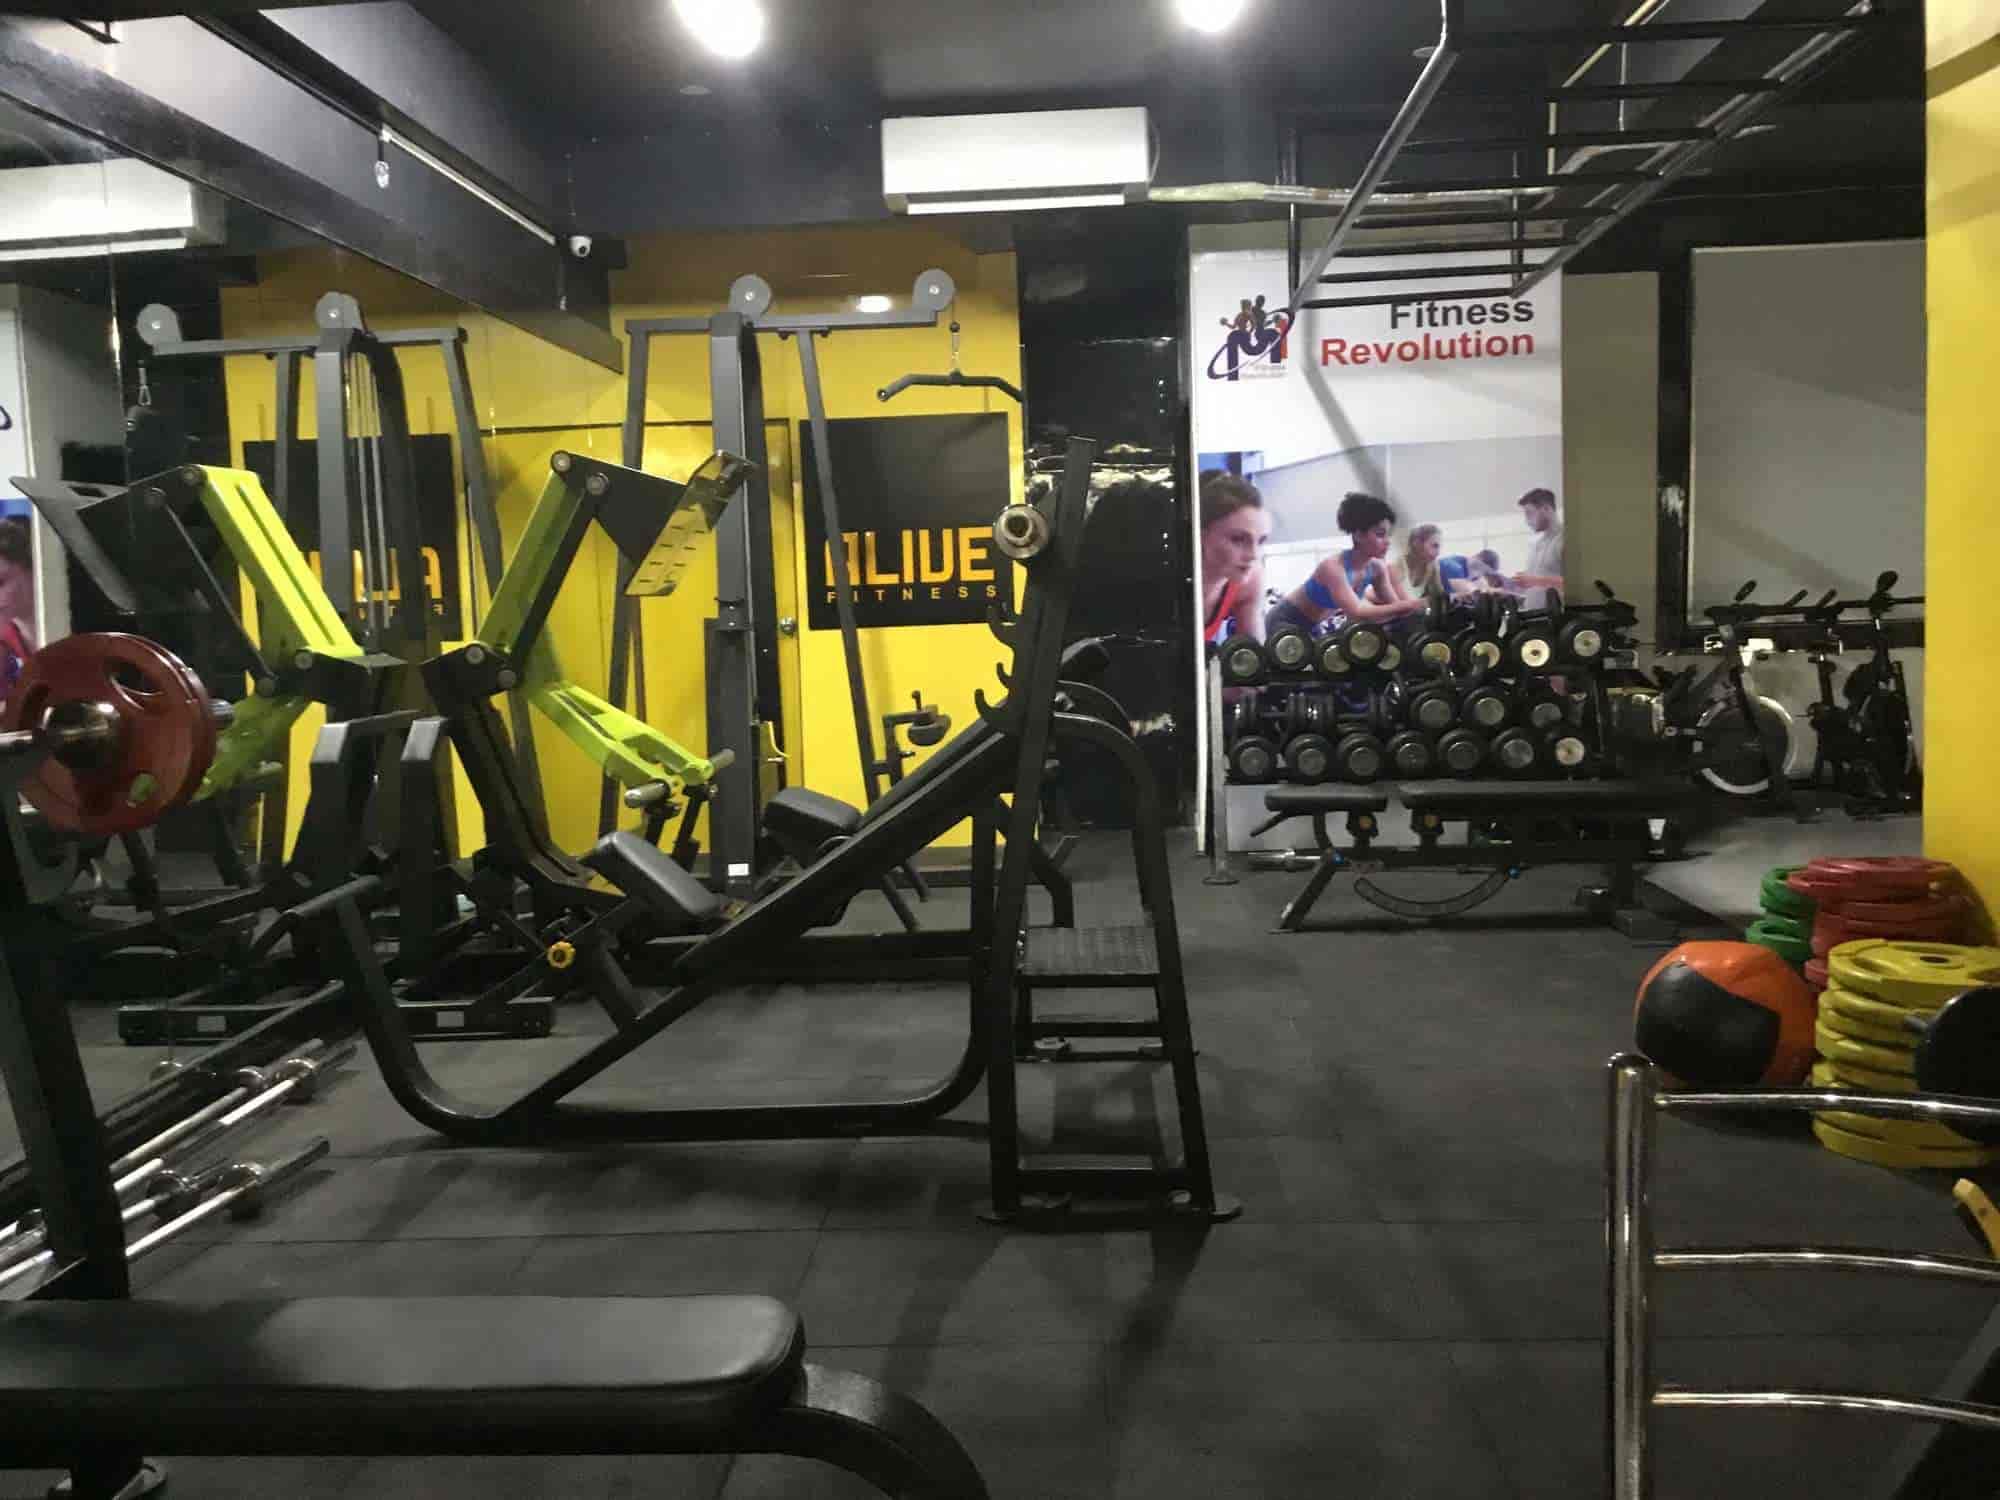 012e5d55a3b M 1 Fitness Revolution Pvt Ltd